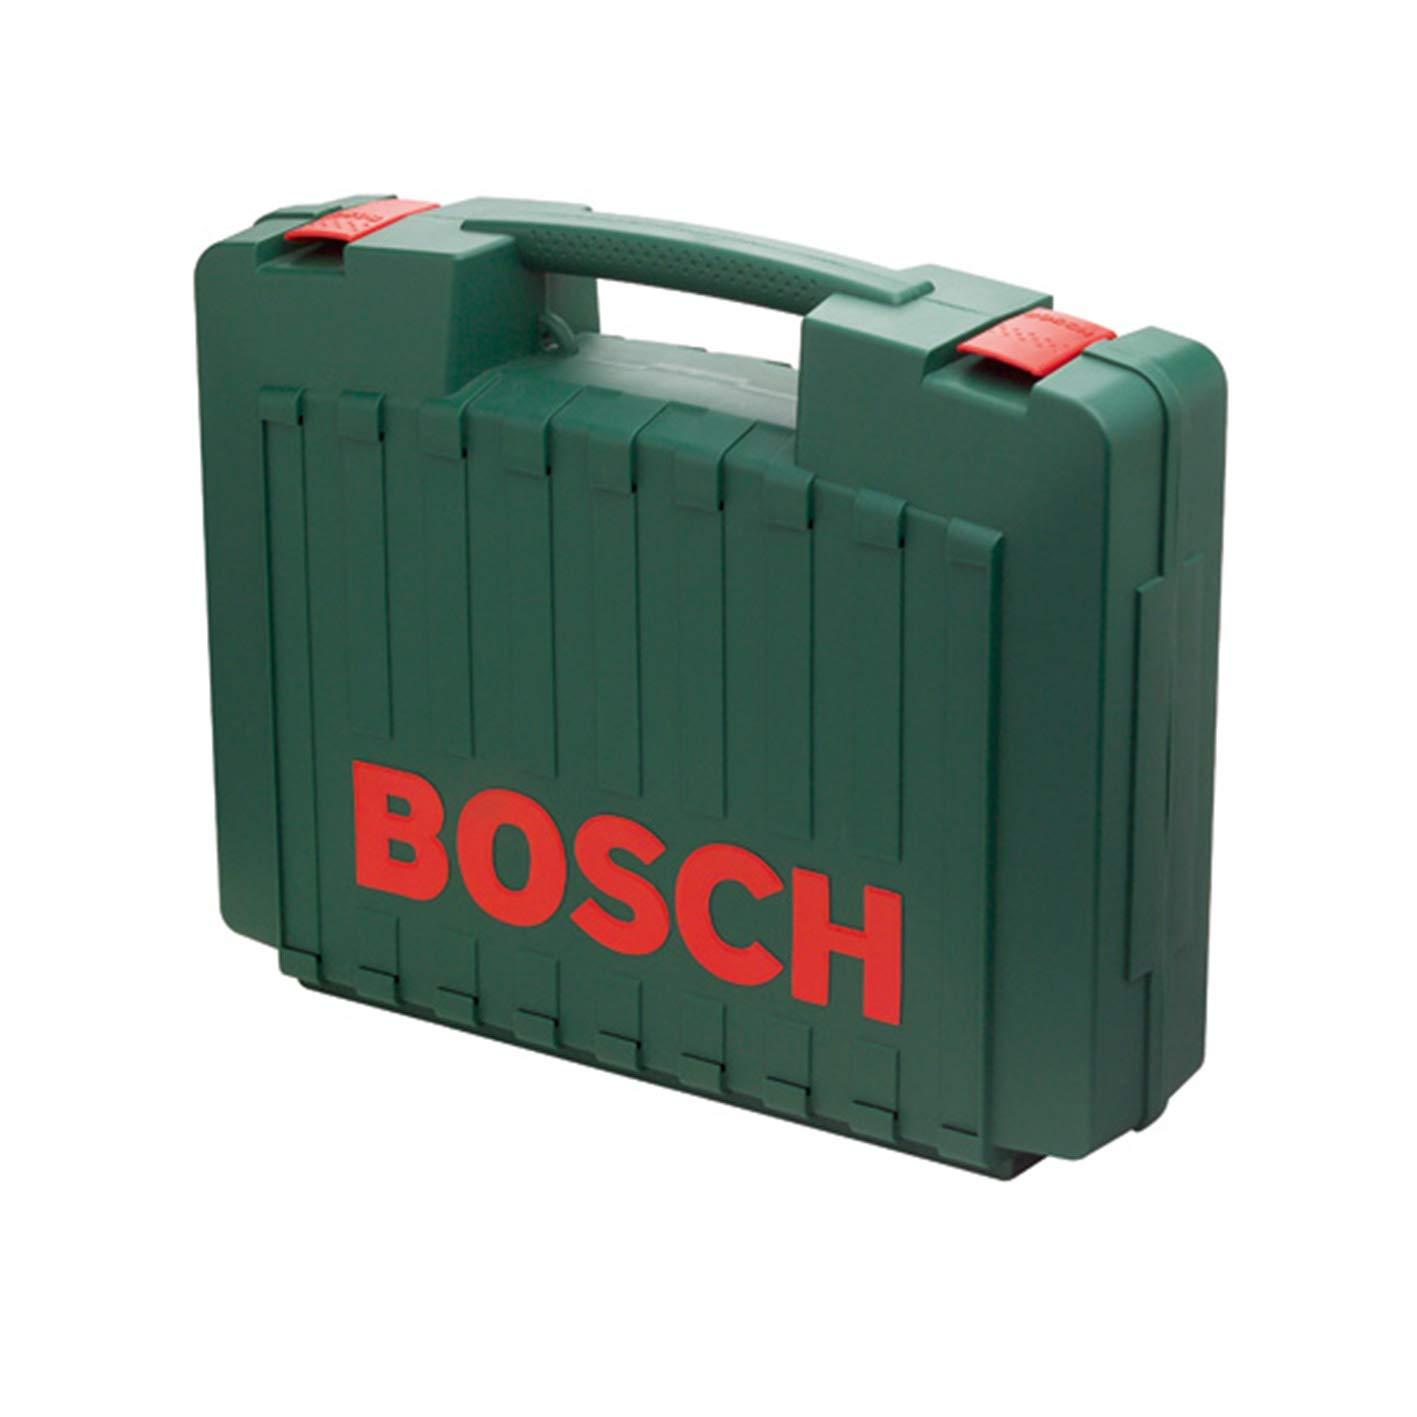 BOSCH Kunststoffkoffer grün 388 x 297 x 144 mm